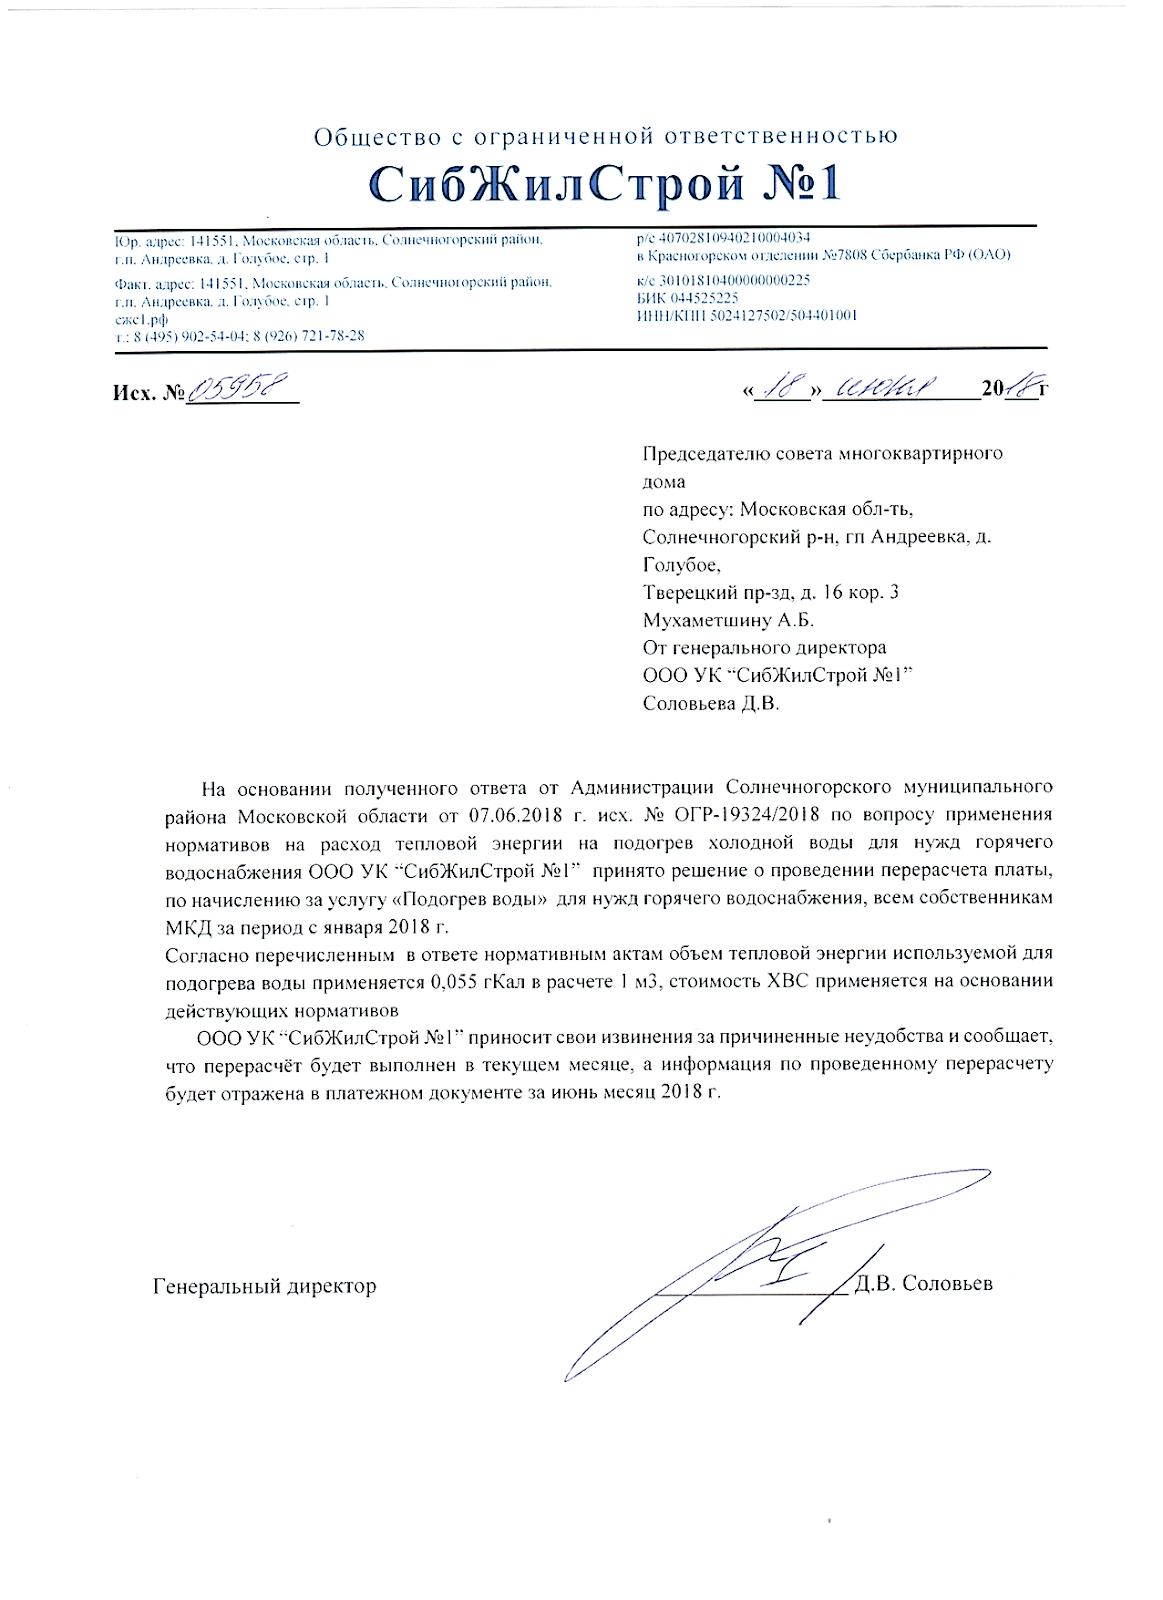 Перерасчет и изменение начислений за ГВС с 01.01.2018